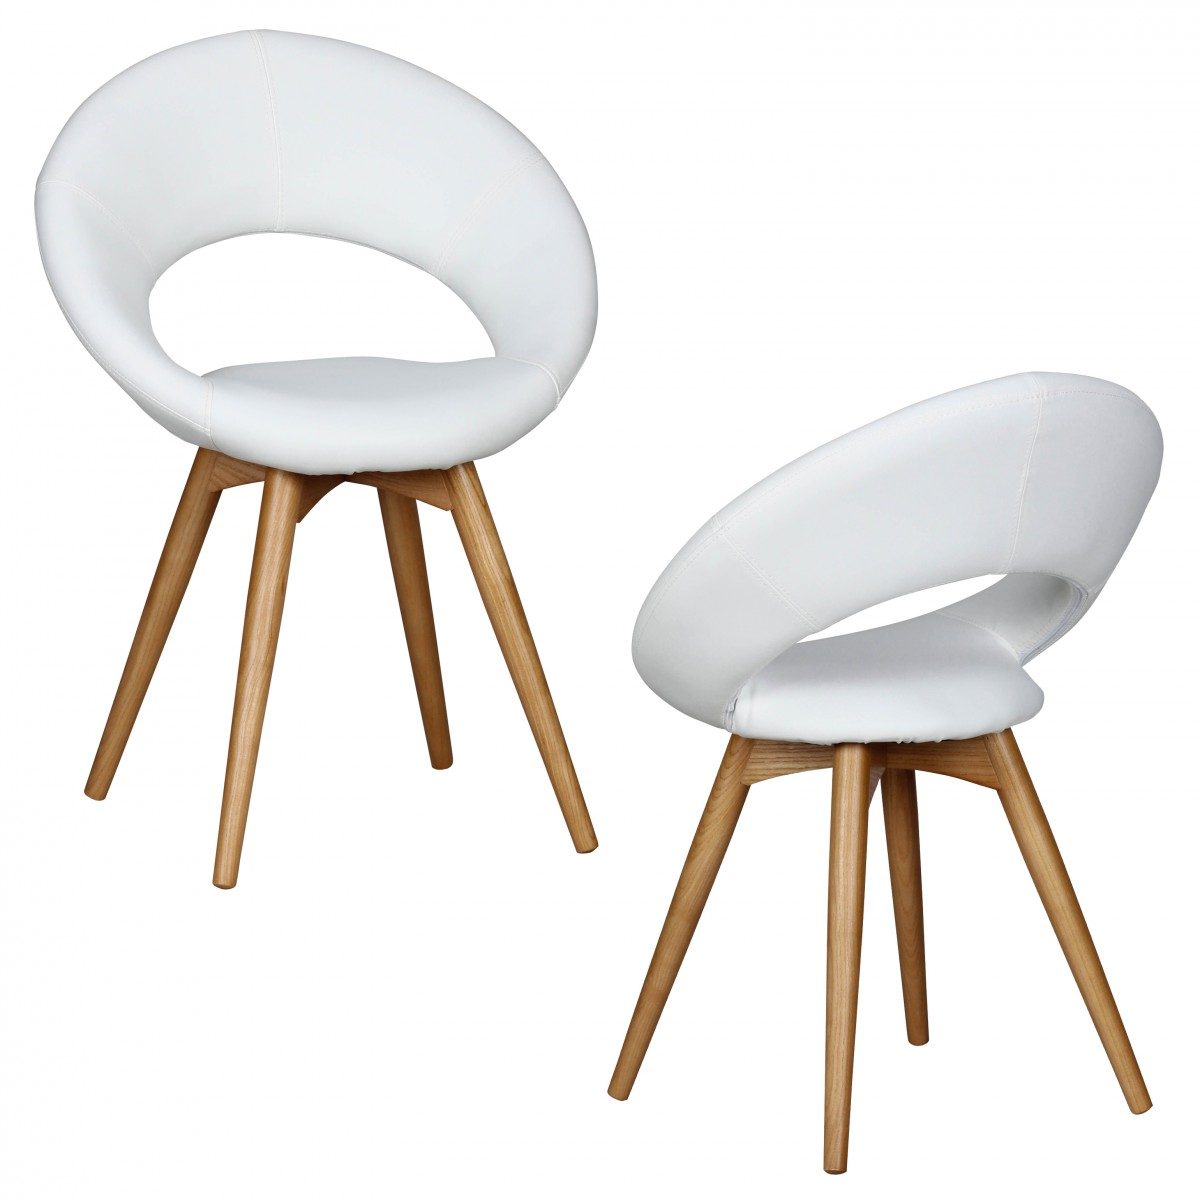 Weiss Holz Kunstleder Esszimmerstühle Online Kaufen Möbel